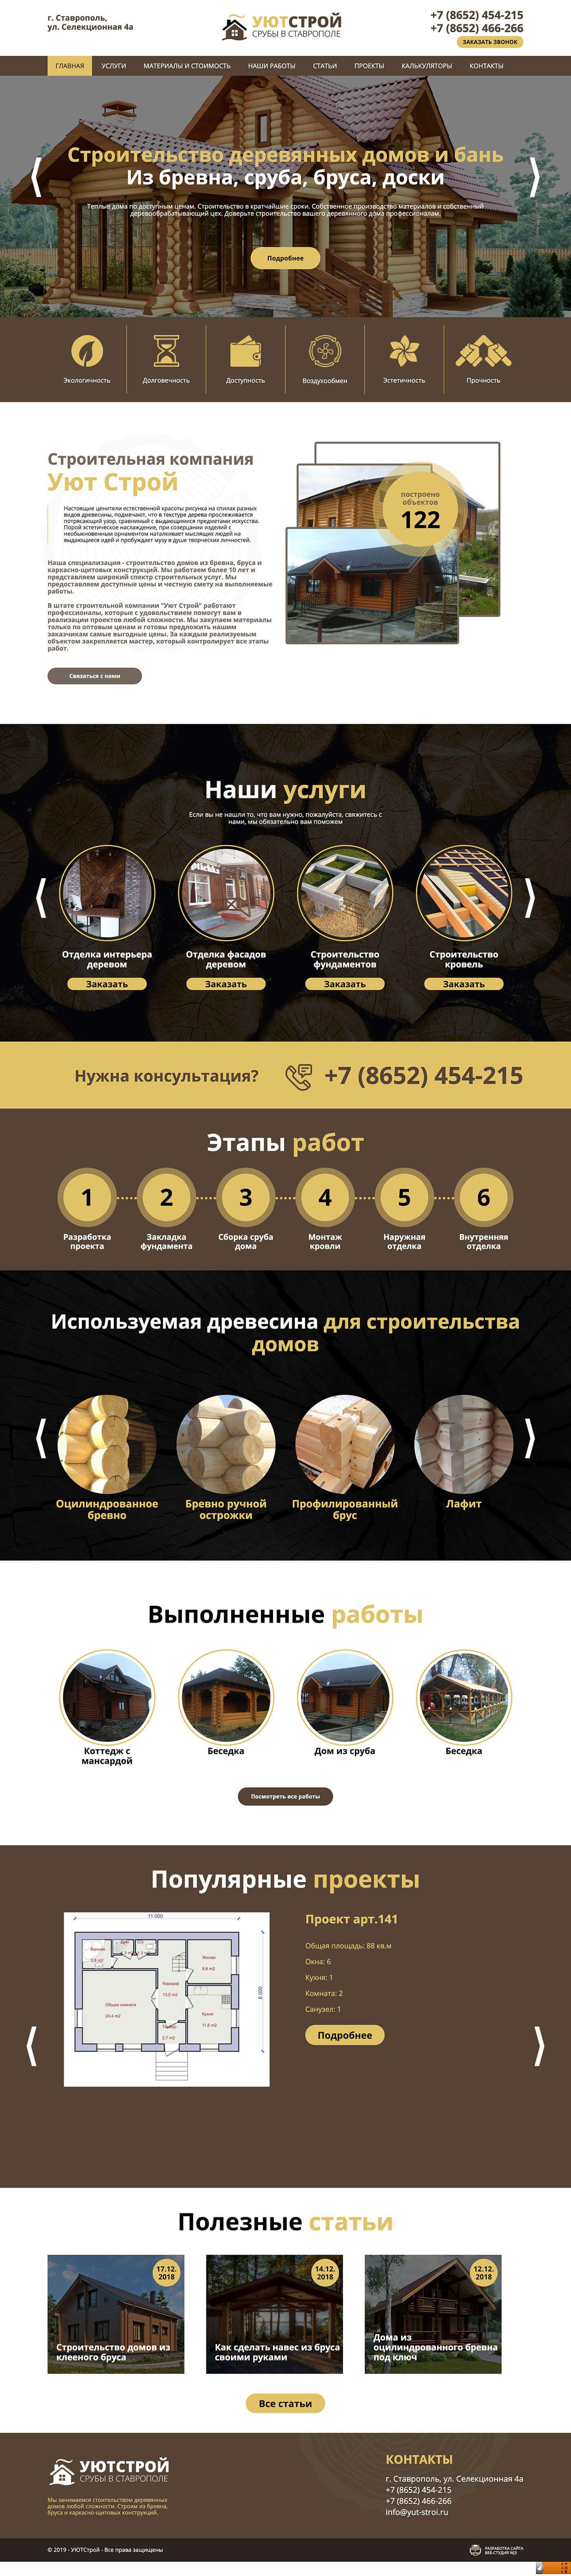 Сайт строительной компании Уют-Строй